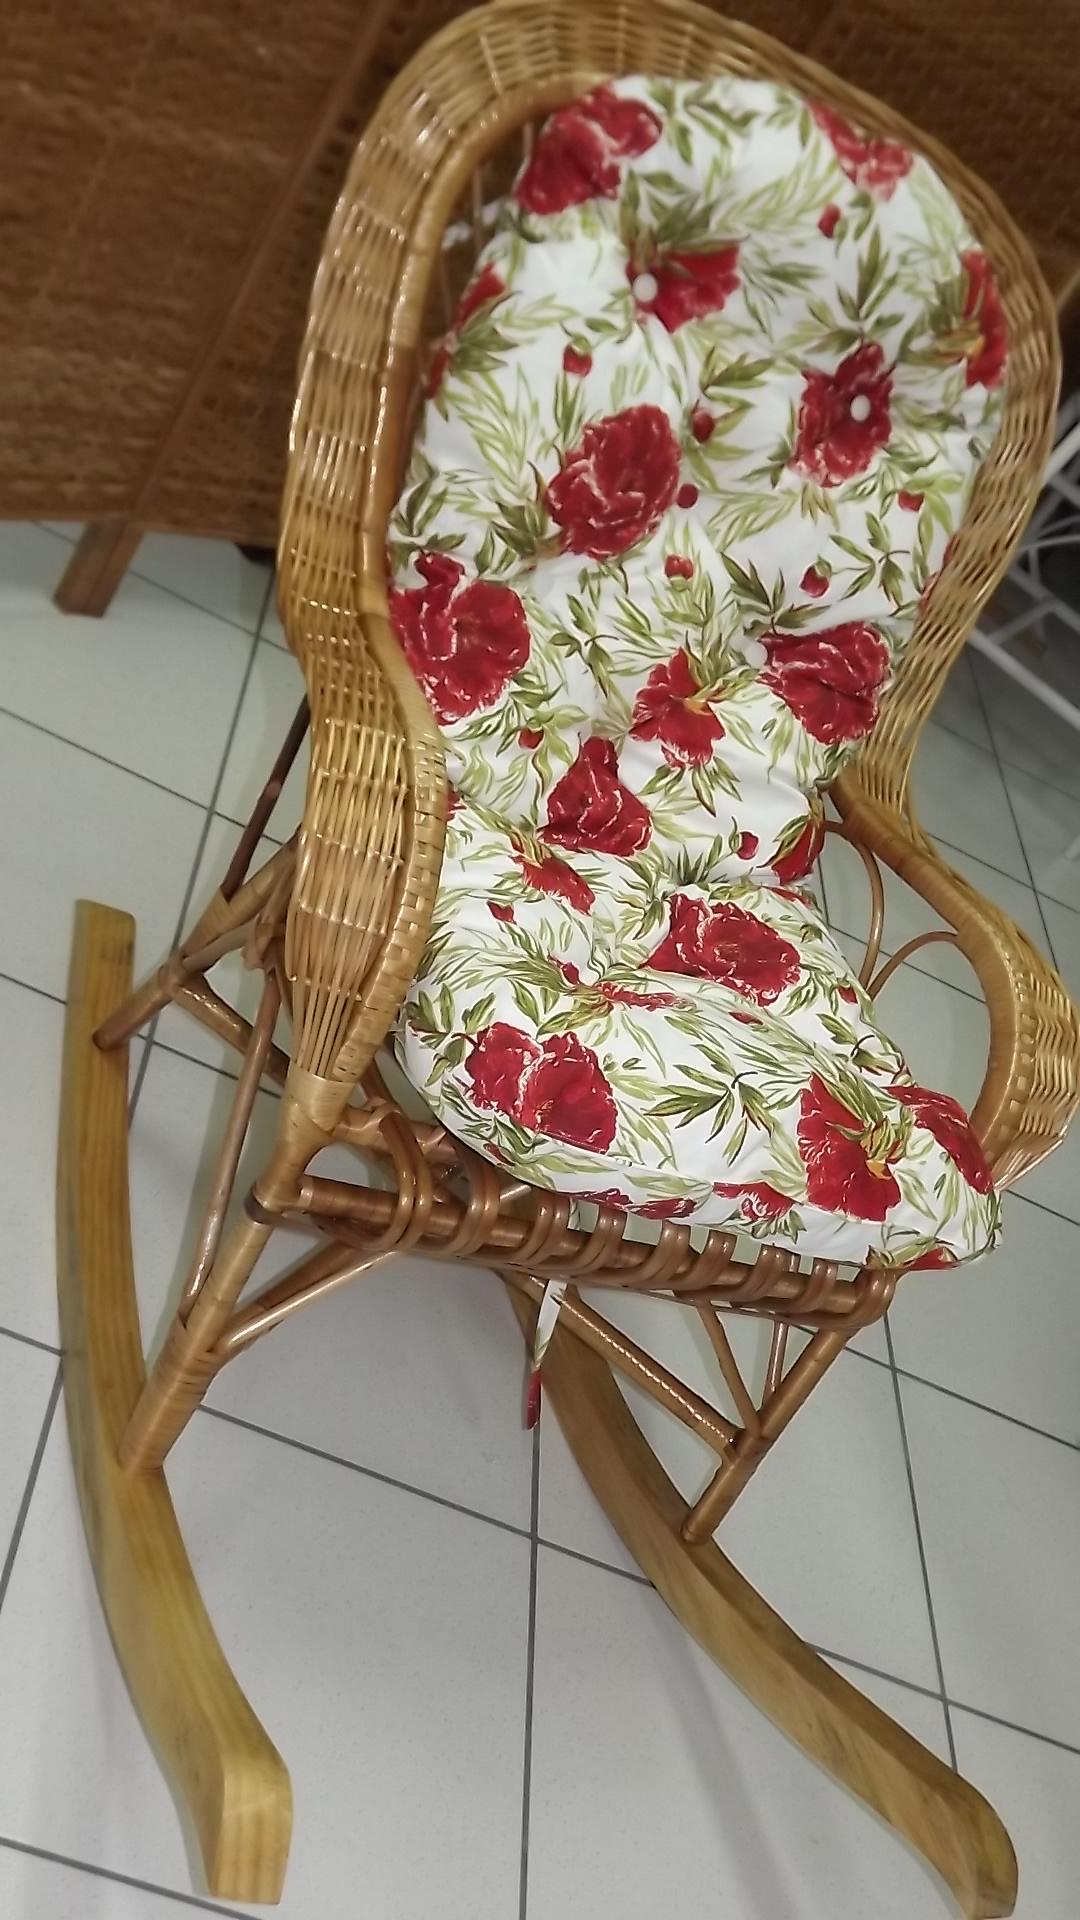 #482E19 Cadeira de Balanço em Vime c/ Almofada Cadeira de Balanço em Vime c  1080x1920 px cadeira de balanço para varanda @ bernauer.info Móveis Antigos Novos E Usados Online